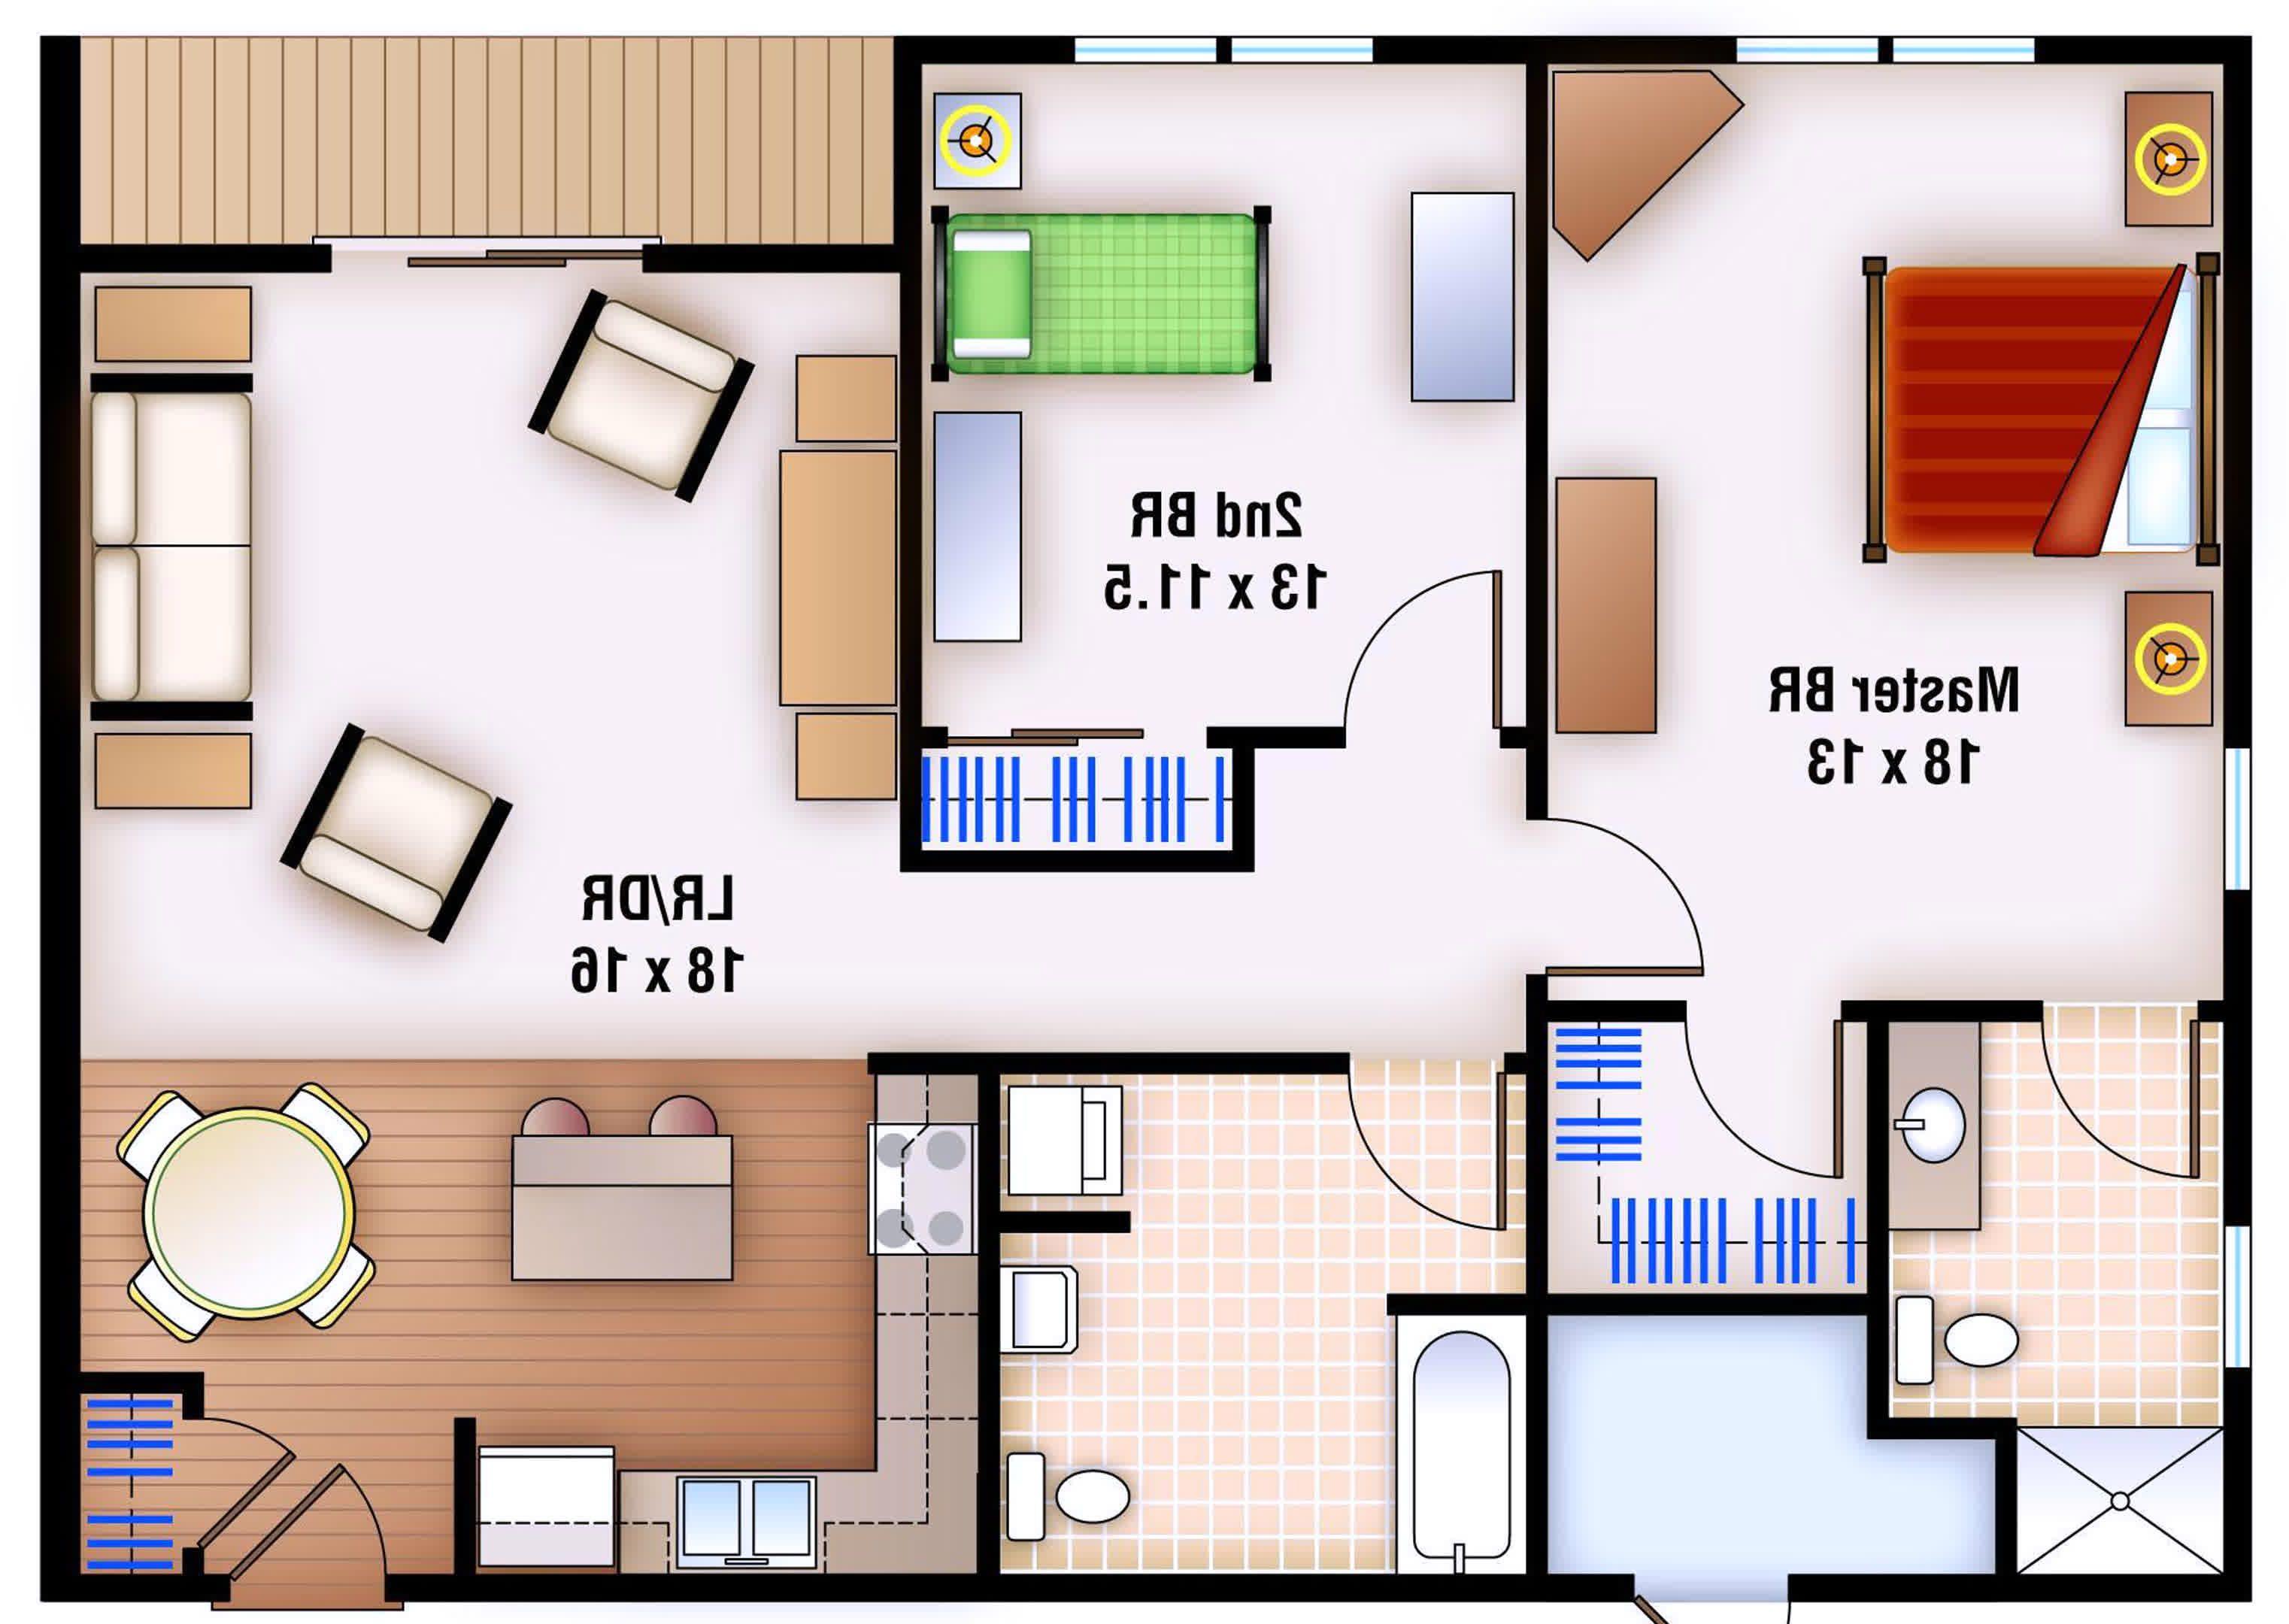 Bedroom Layouts Ideas, 2 Bedroom Apartment Floor Plan ...